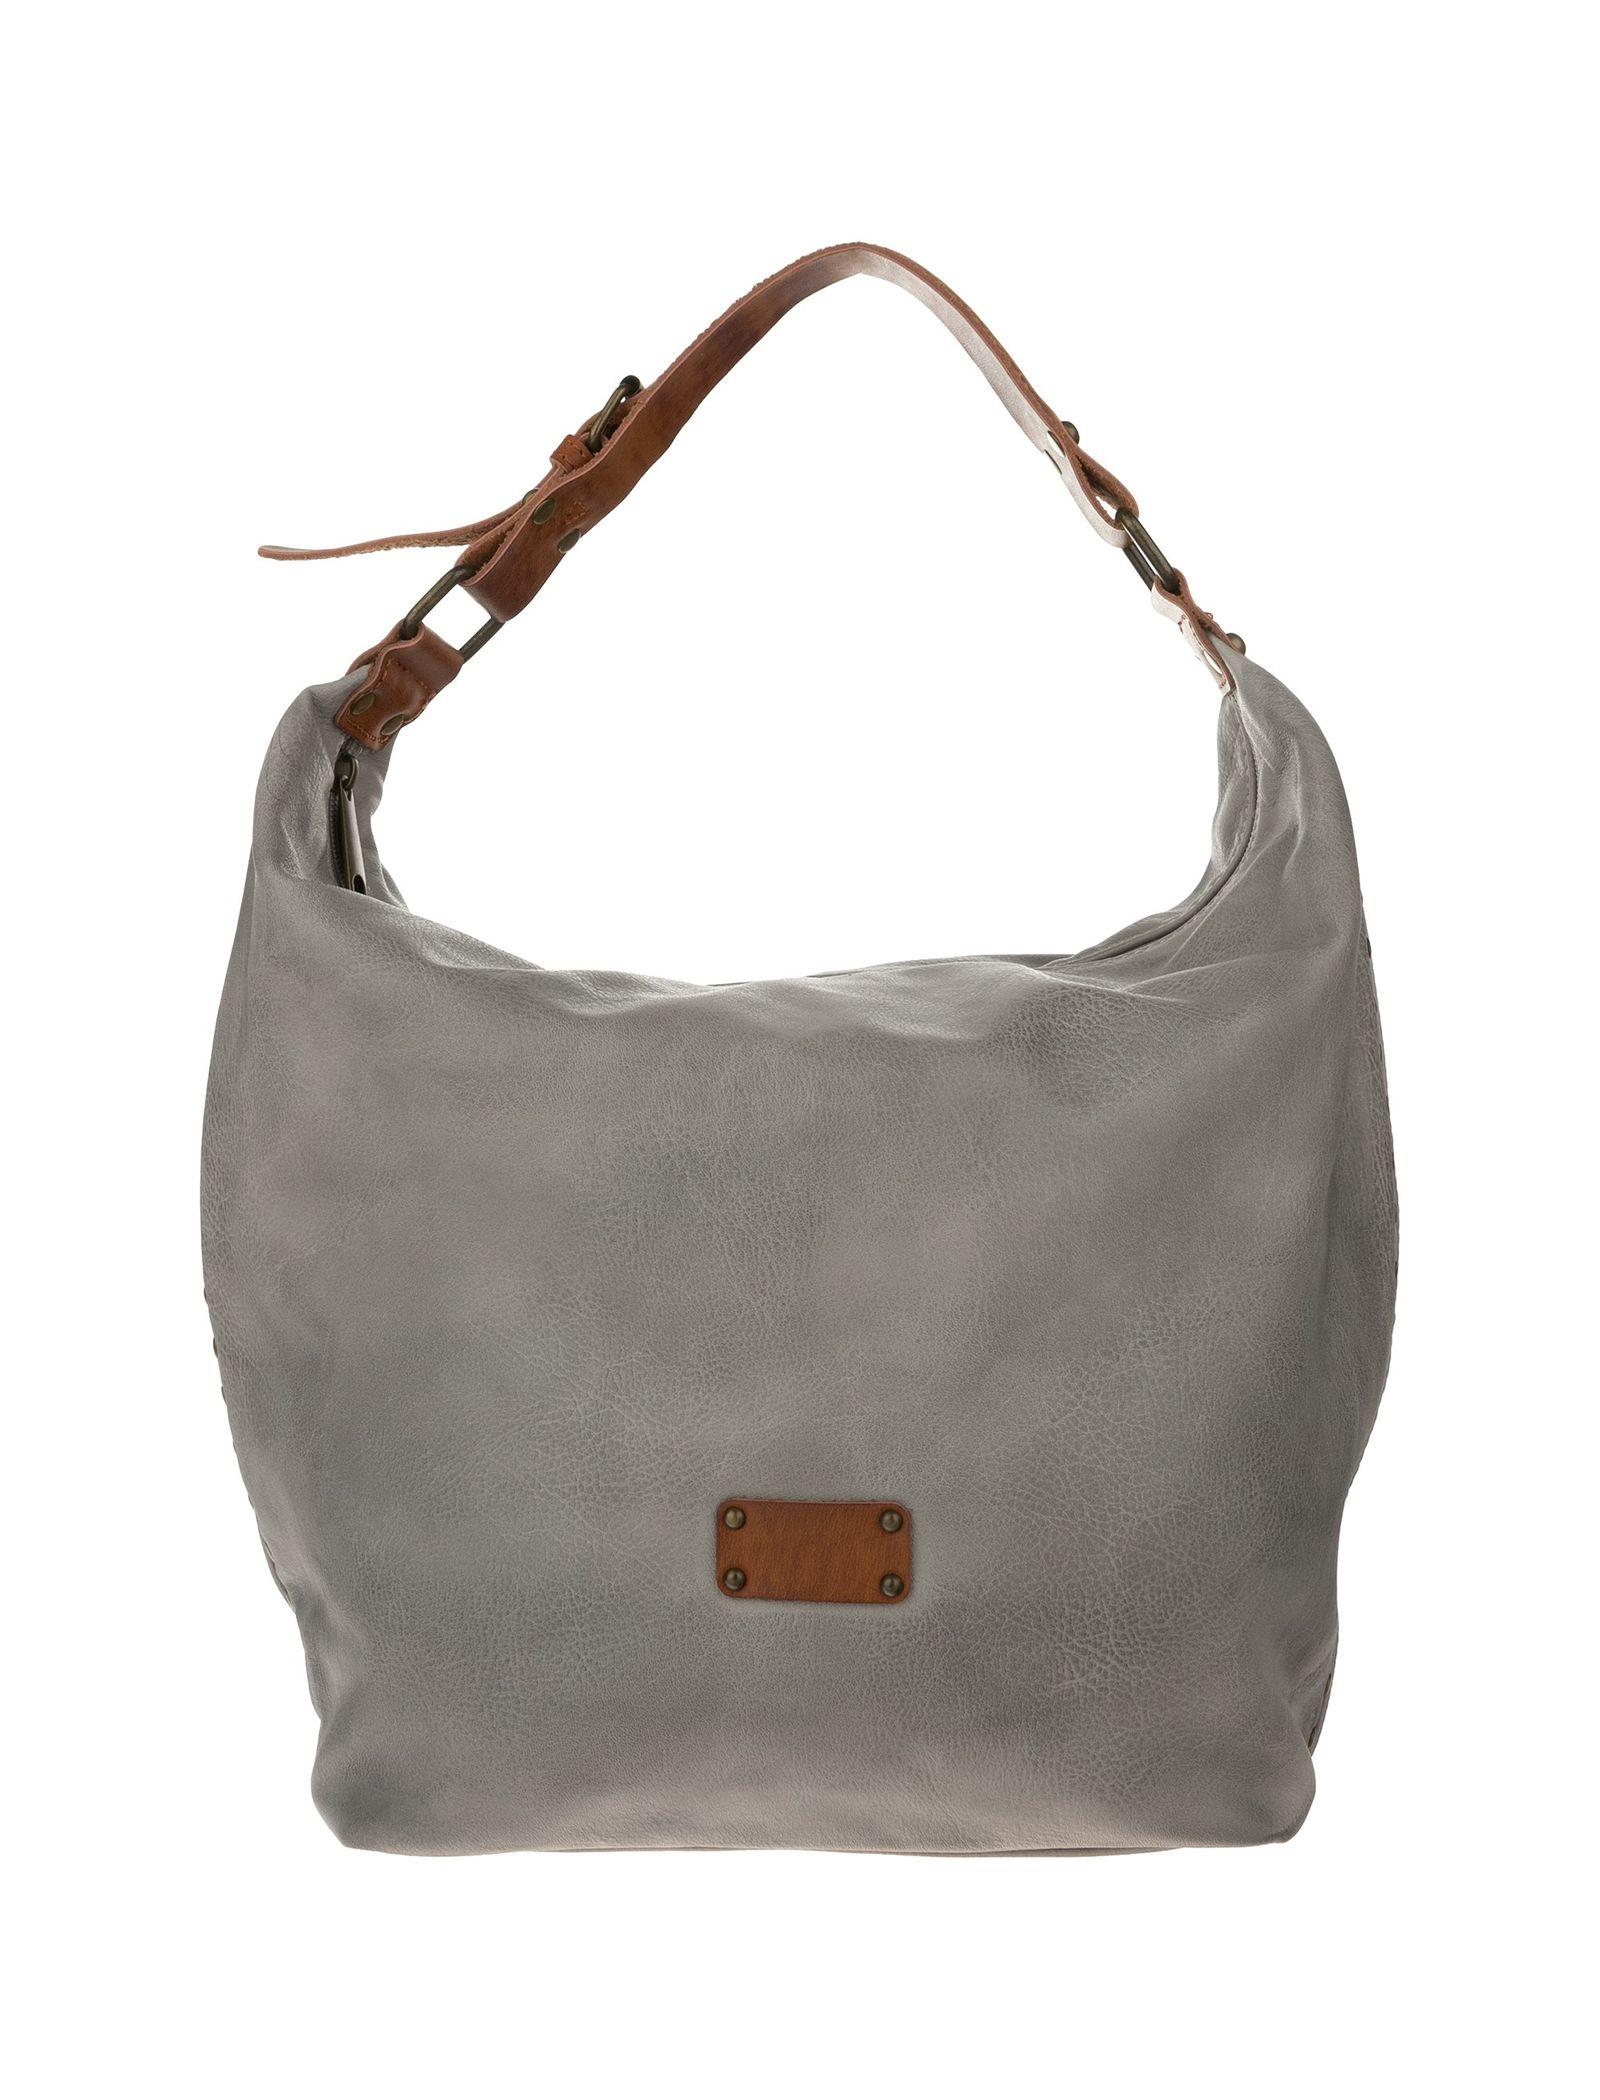 کیف دوشی روزمره زنانه - دادلین تک سایز - طوسي - 1